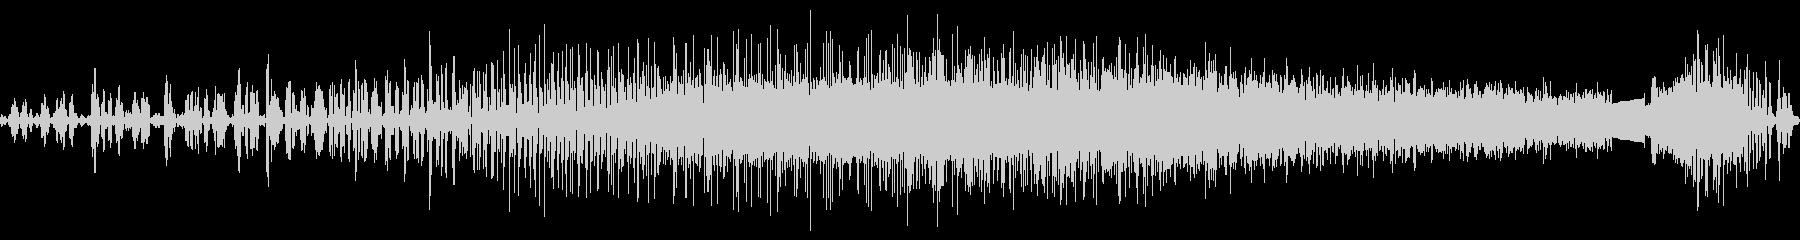 MP-1ハーモニックアセンディングトーンの未再生の波形